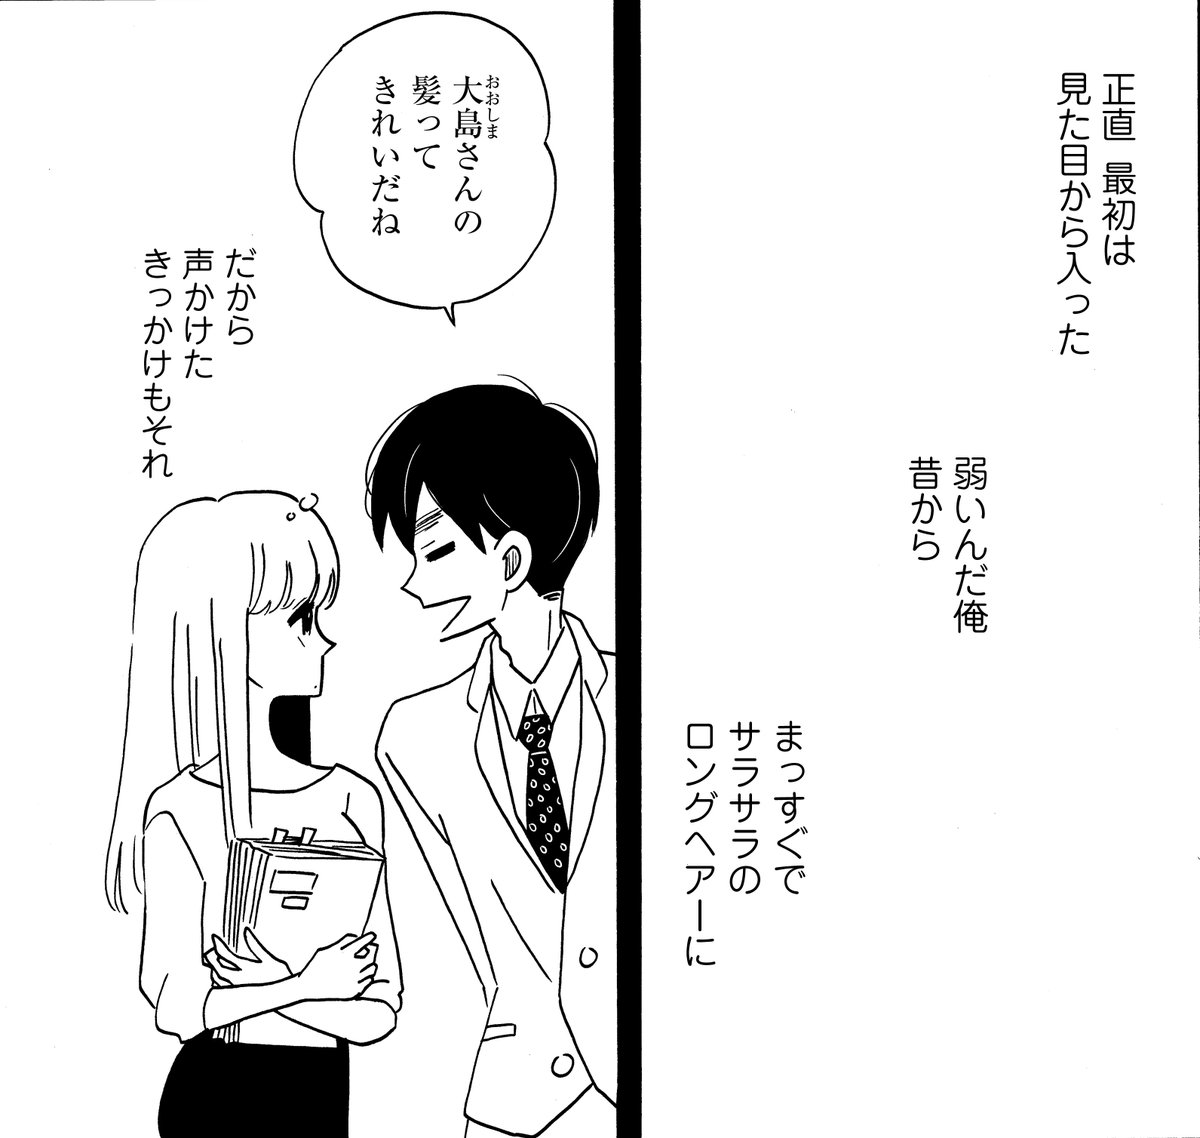 """凪のお暇」公式 on Twitter: """"「..."""